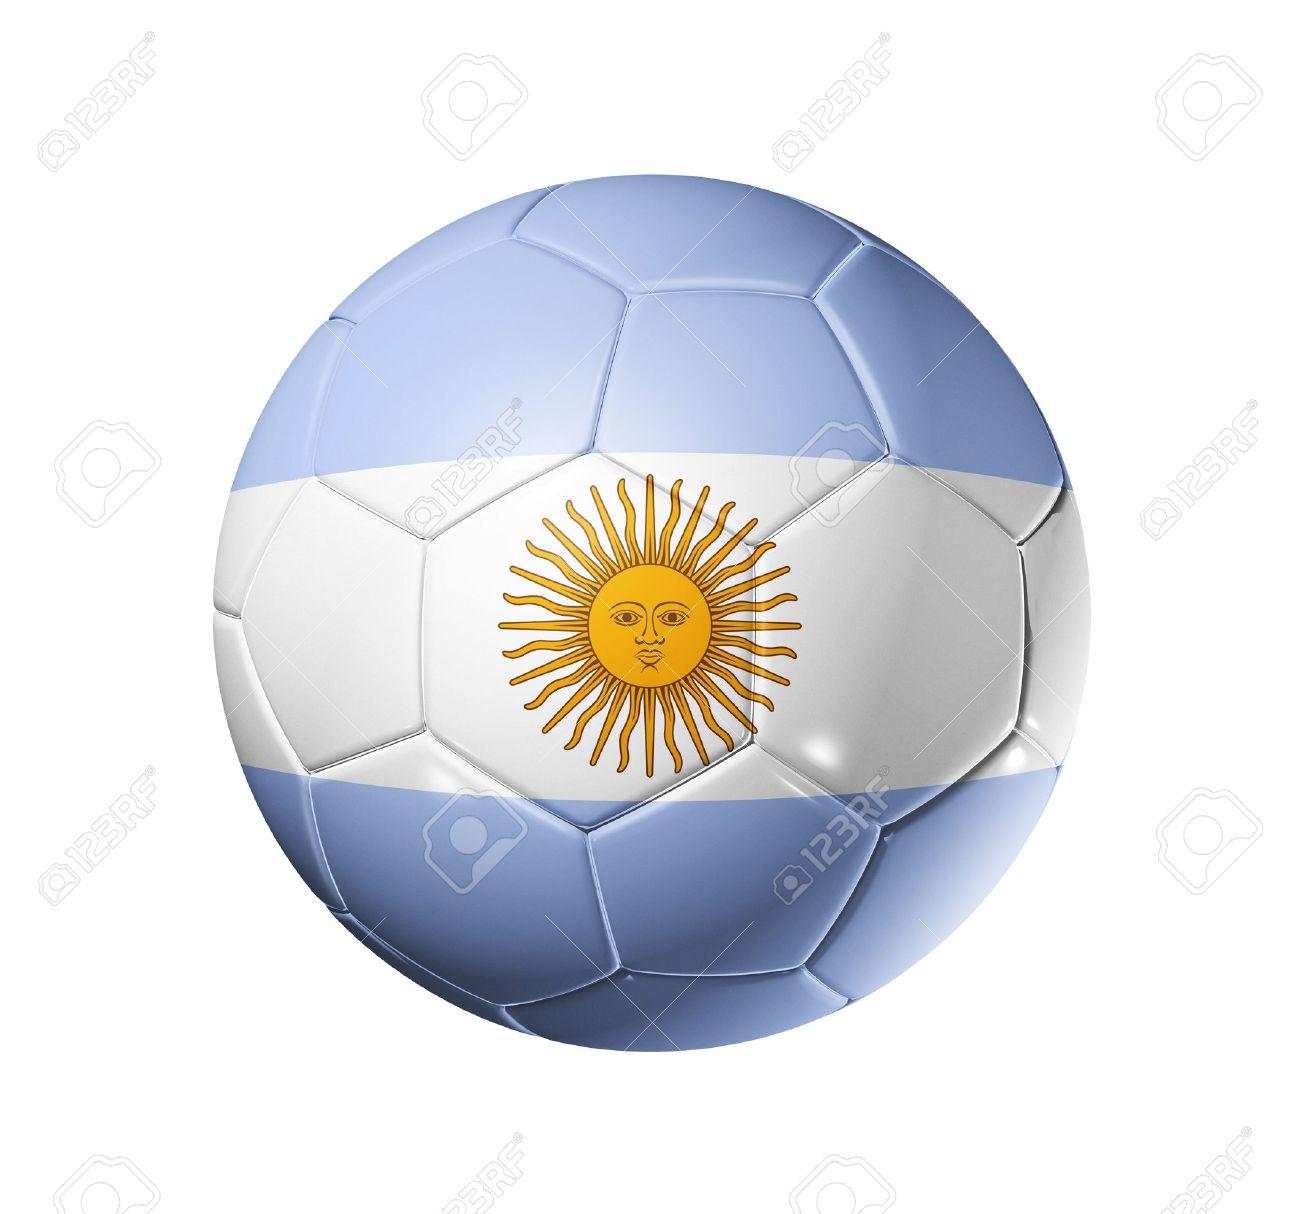 3d Fußball Ball Mit Argentinien Team Flag Fußball Wm 2010